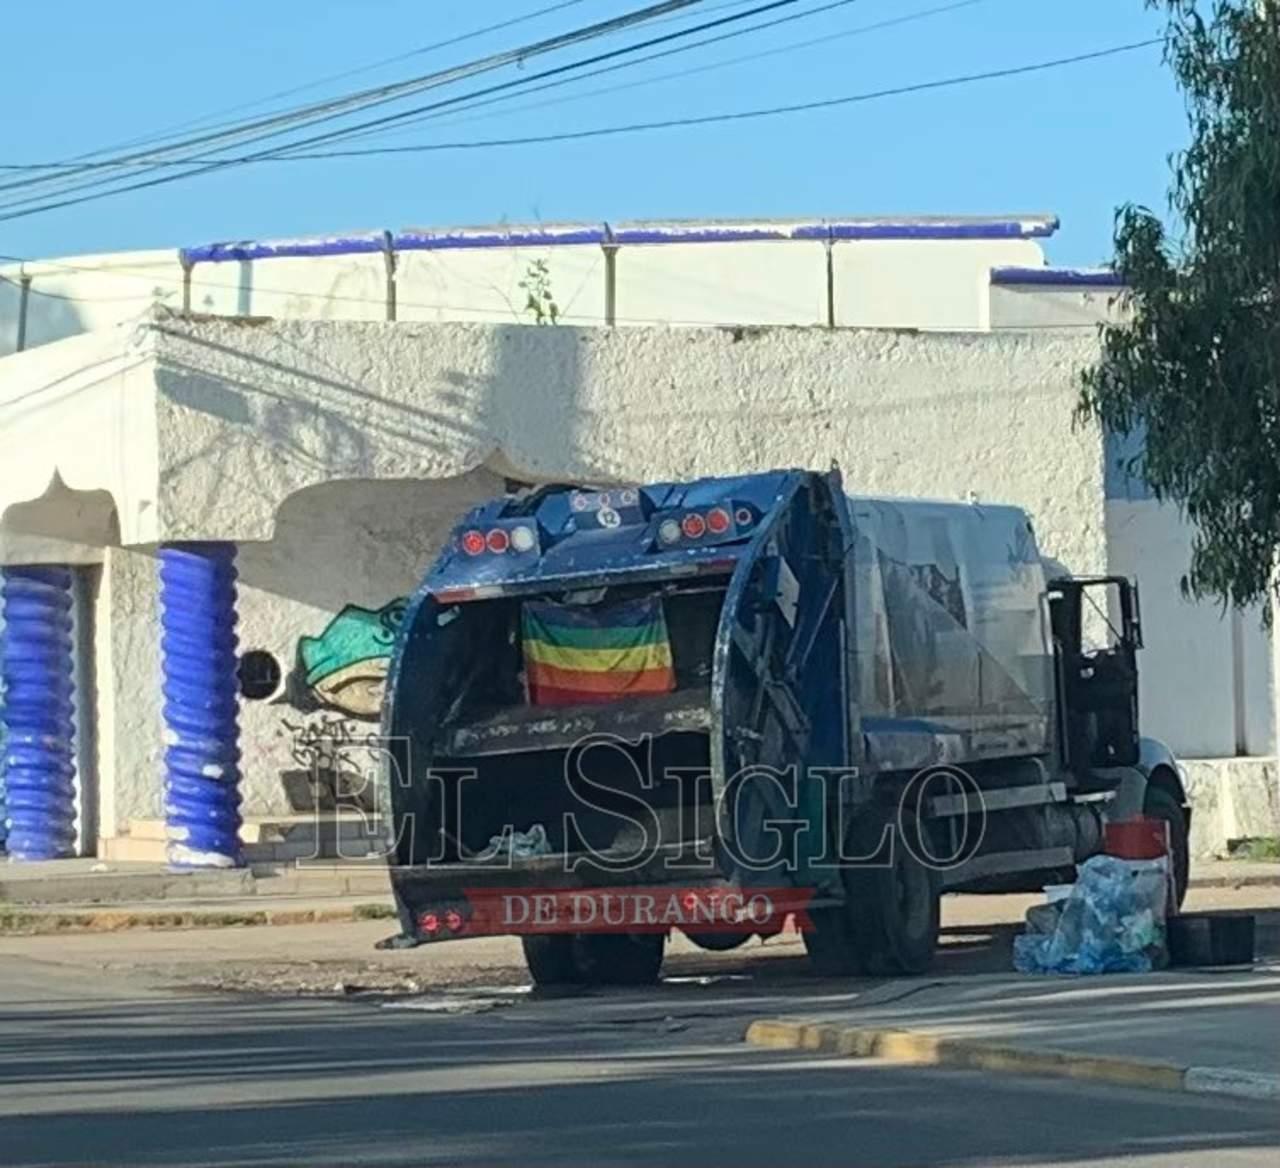 En apoyo a comunidad LGBT+, trabajadores de limpia de Durango cuelgan bandera en camión